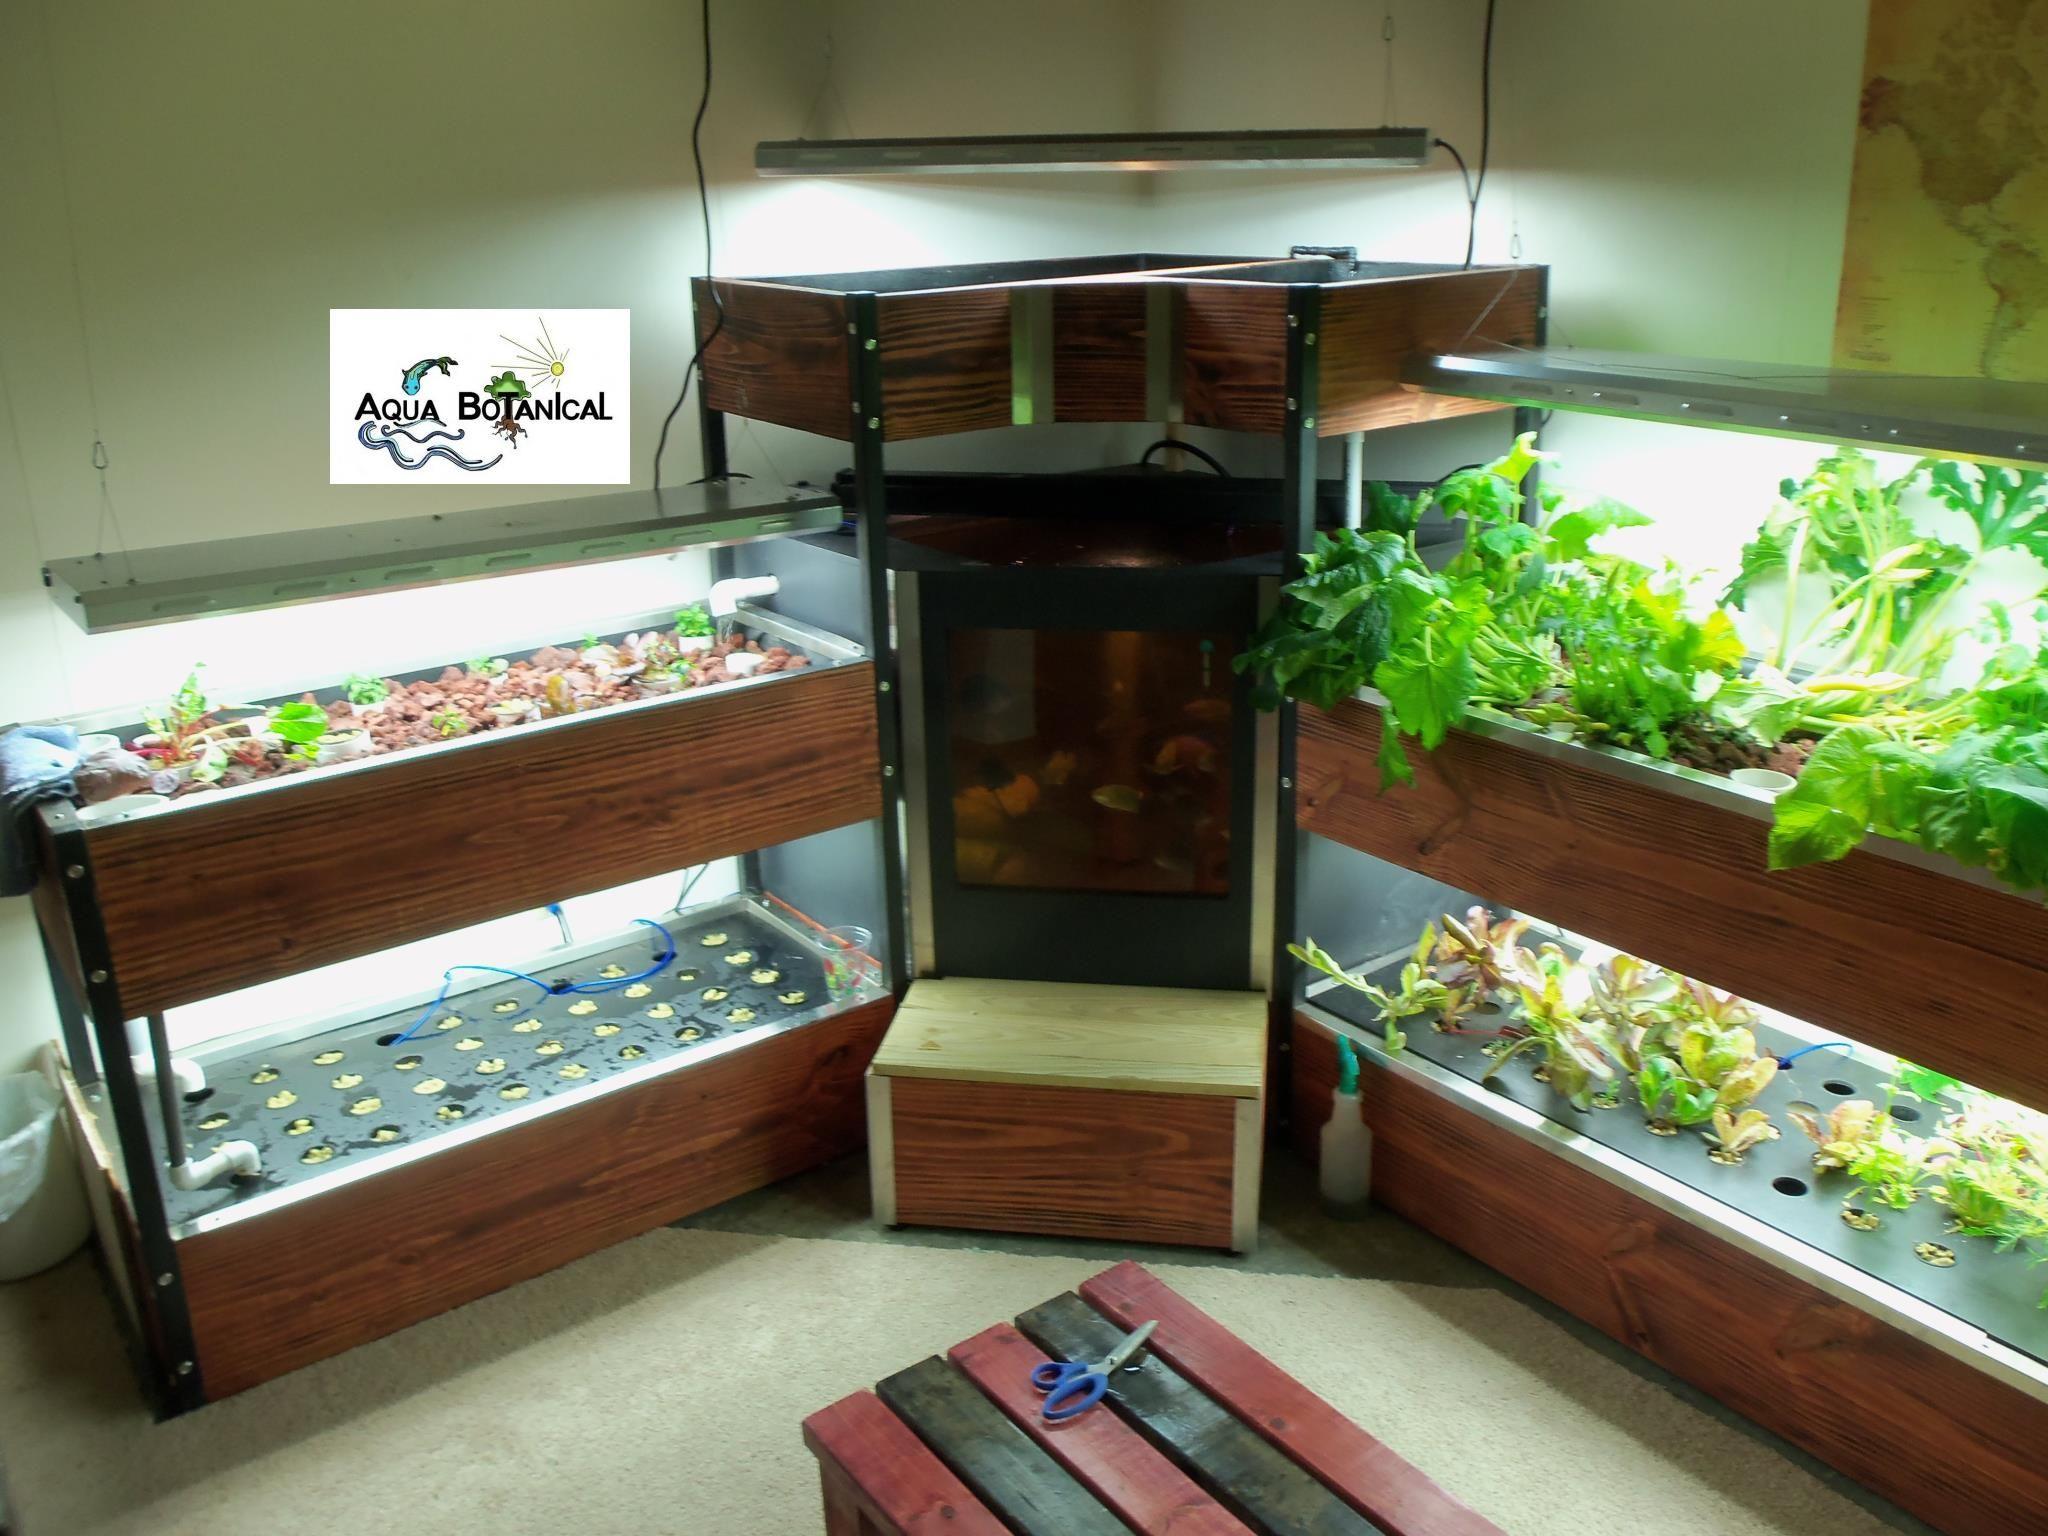 Indoor Aquaponics5913 7 – Aqua Botanical Aquaponics 400 x 300